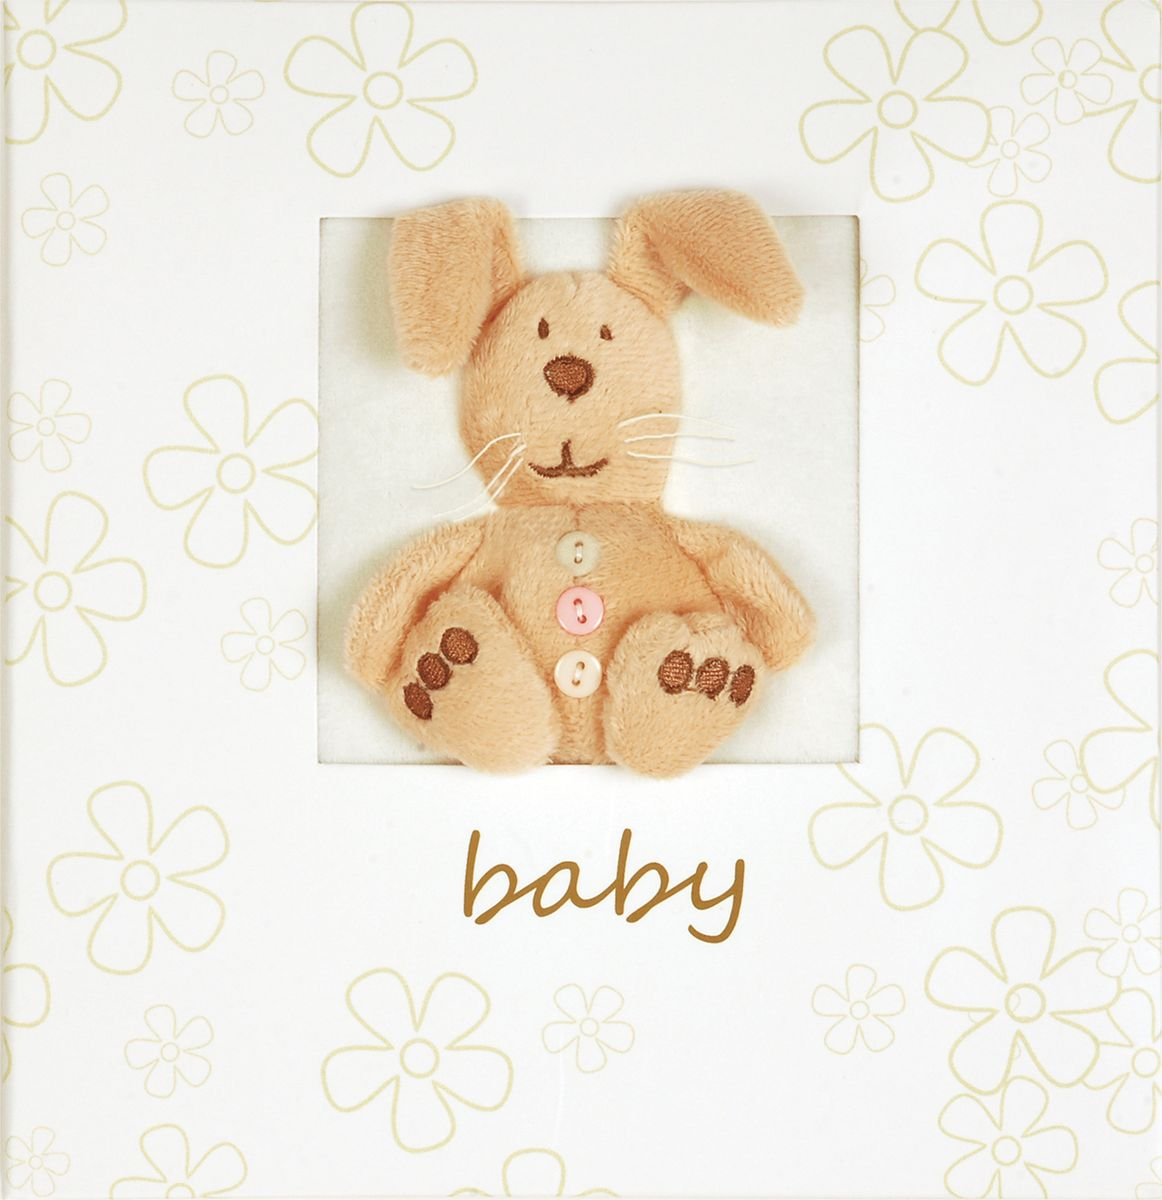 Фотоальбом Innova Plush Baby, цвет: белый, 160 фотографий, 10 x 15 см фотоальбом platinum классика 240 фотографий 10 x 15 см